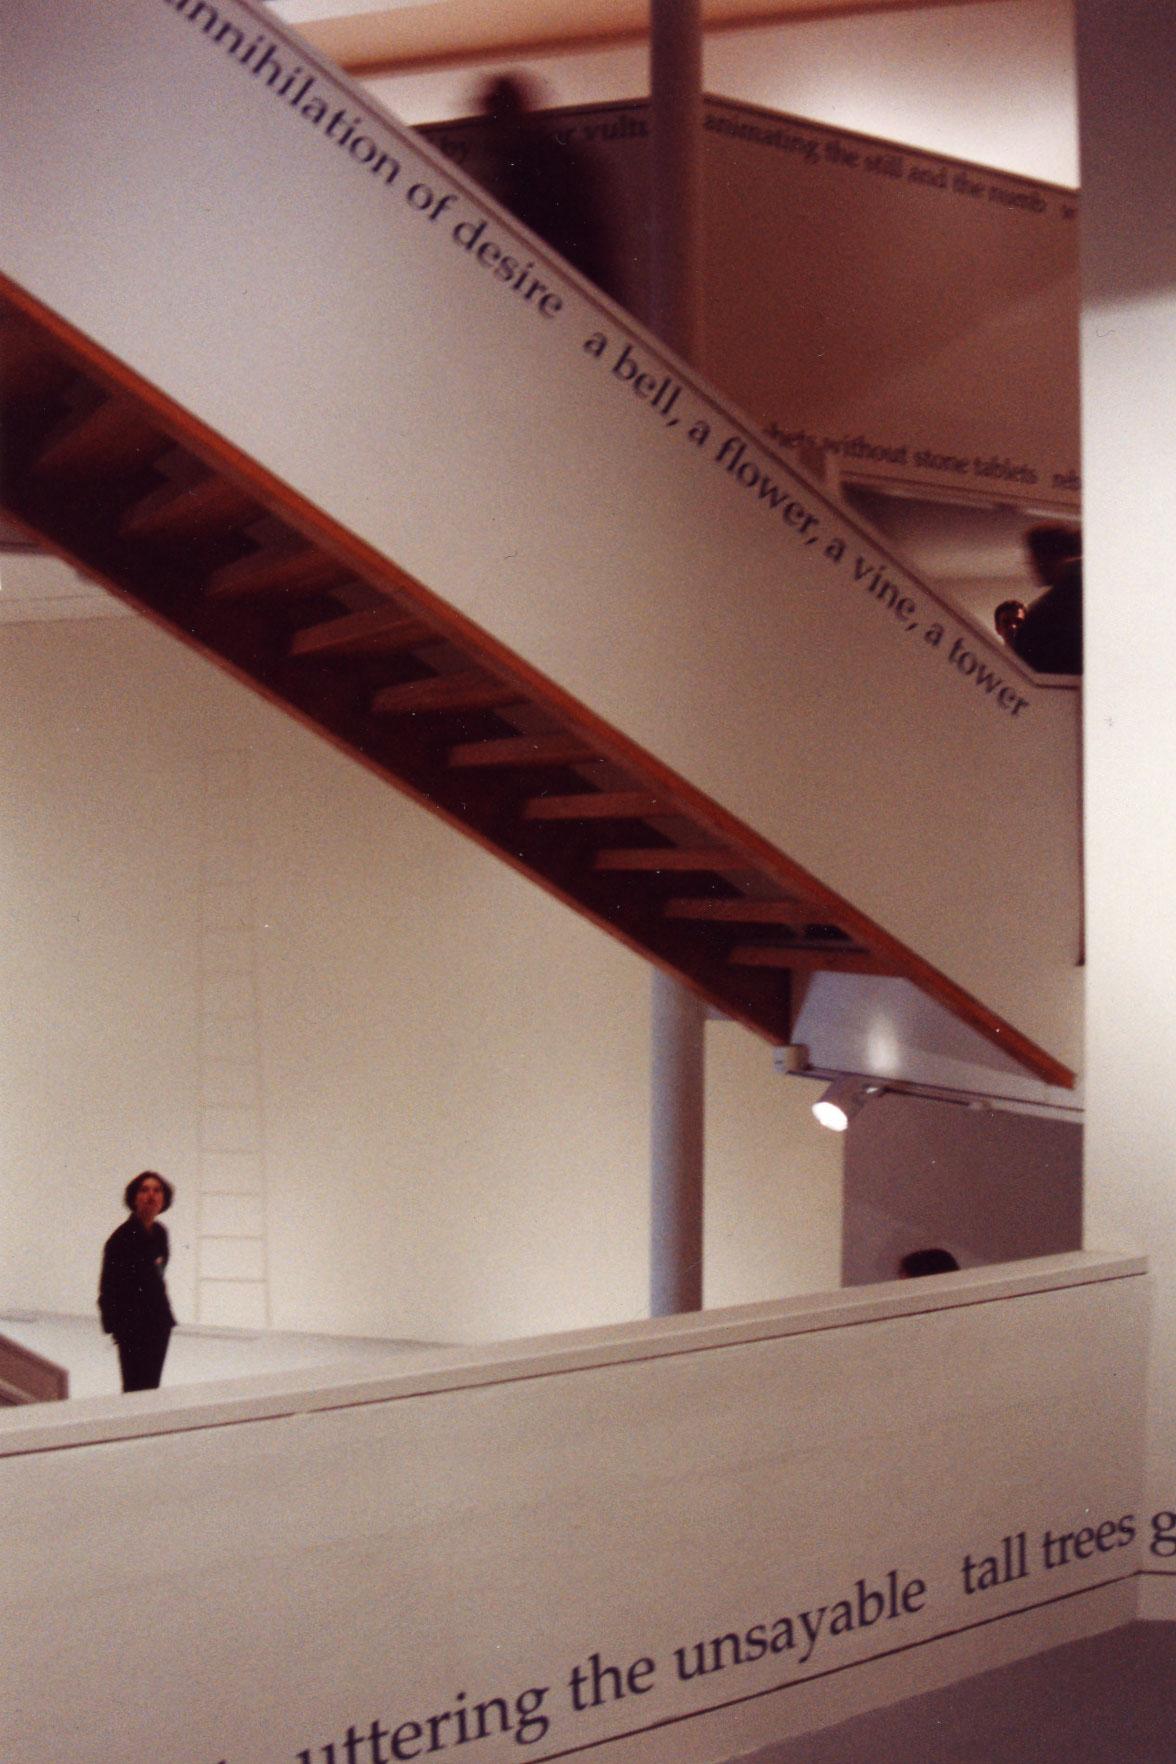 Institute of Contemporary Art, Boston, 1997 (1 of 2)